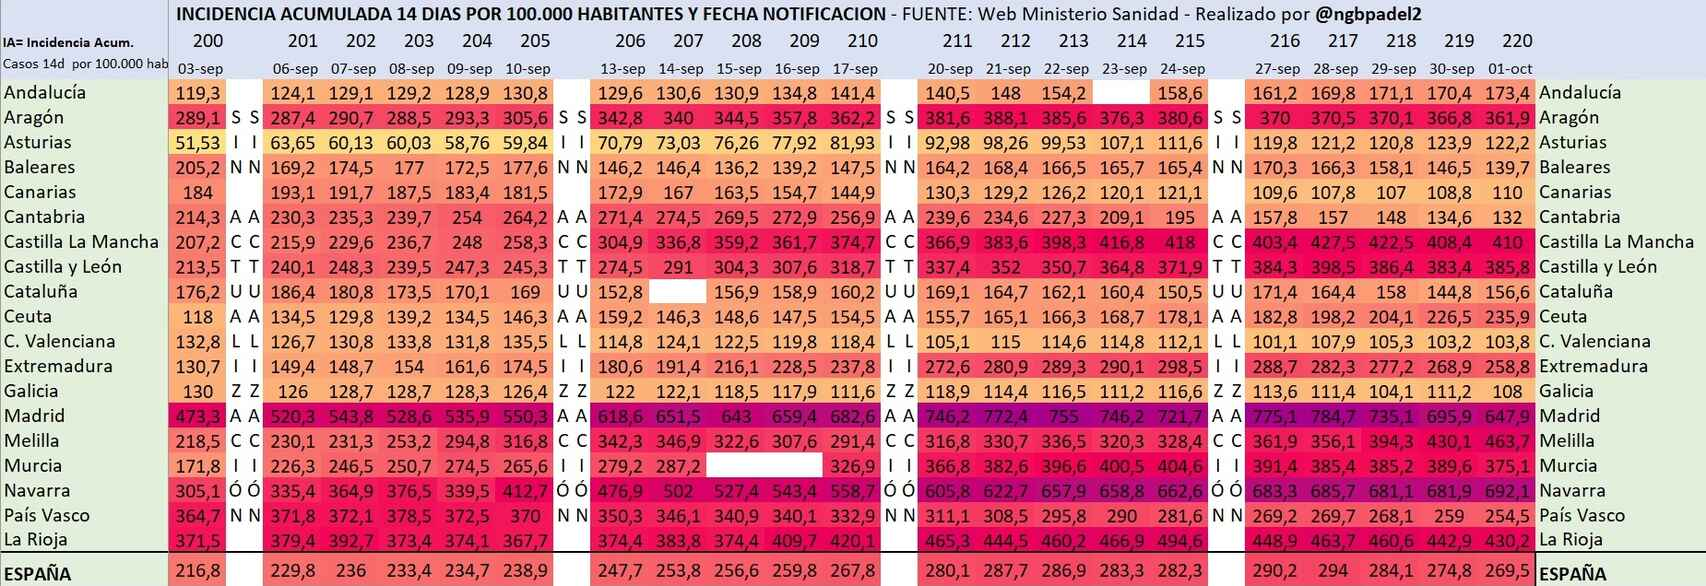 Datos de incidencia acumulada de la Covid-19